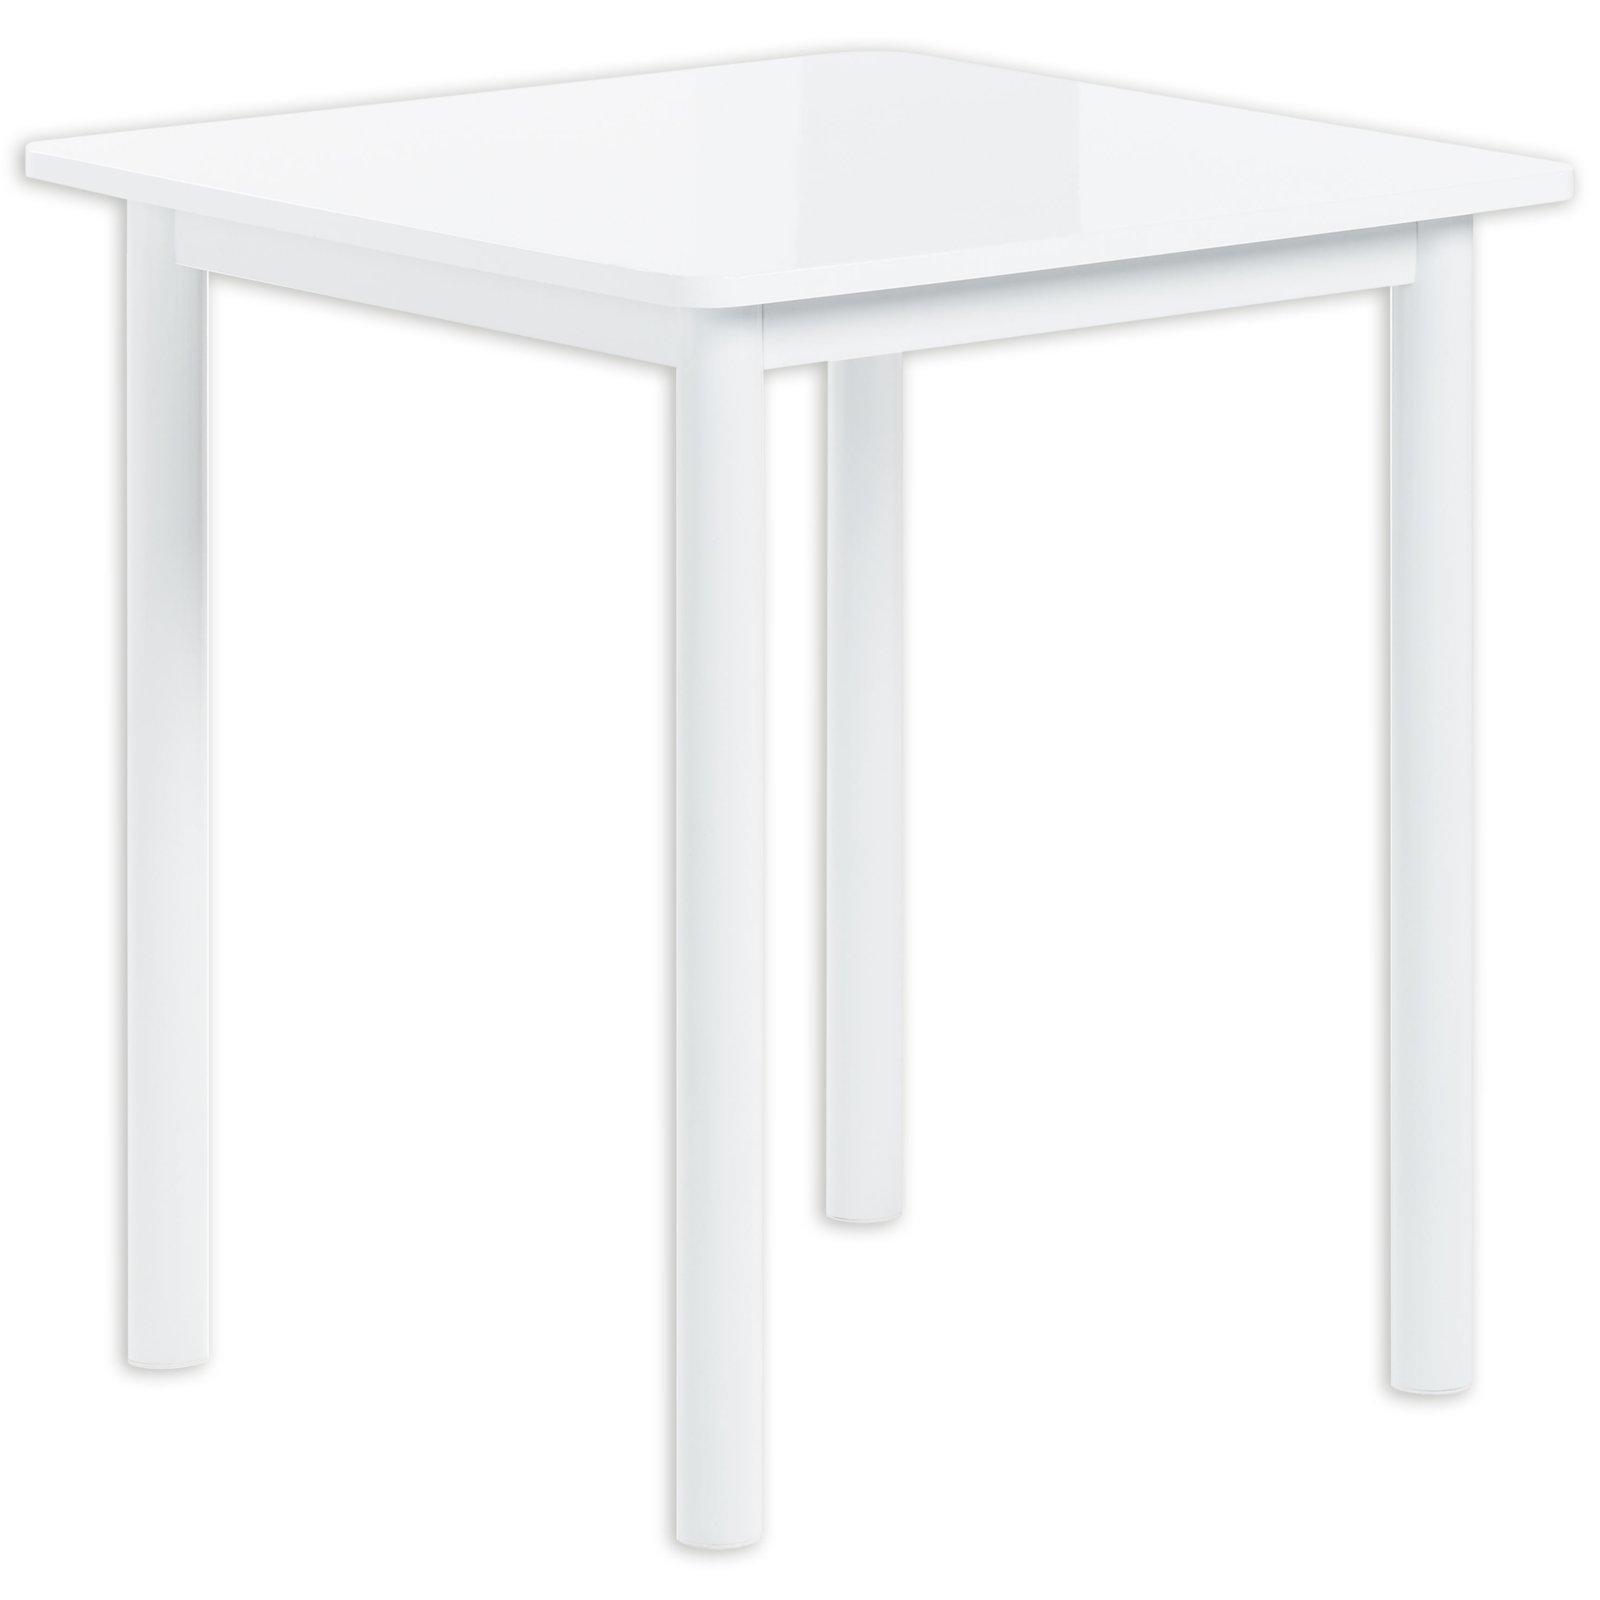 esstisch 70 cm breit free kit closet klappbarer tisch wei. Black Bedroom Furniture Sets. Home Design Ideas